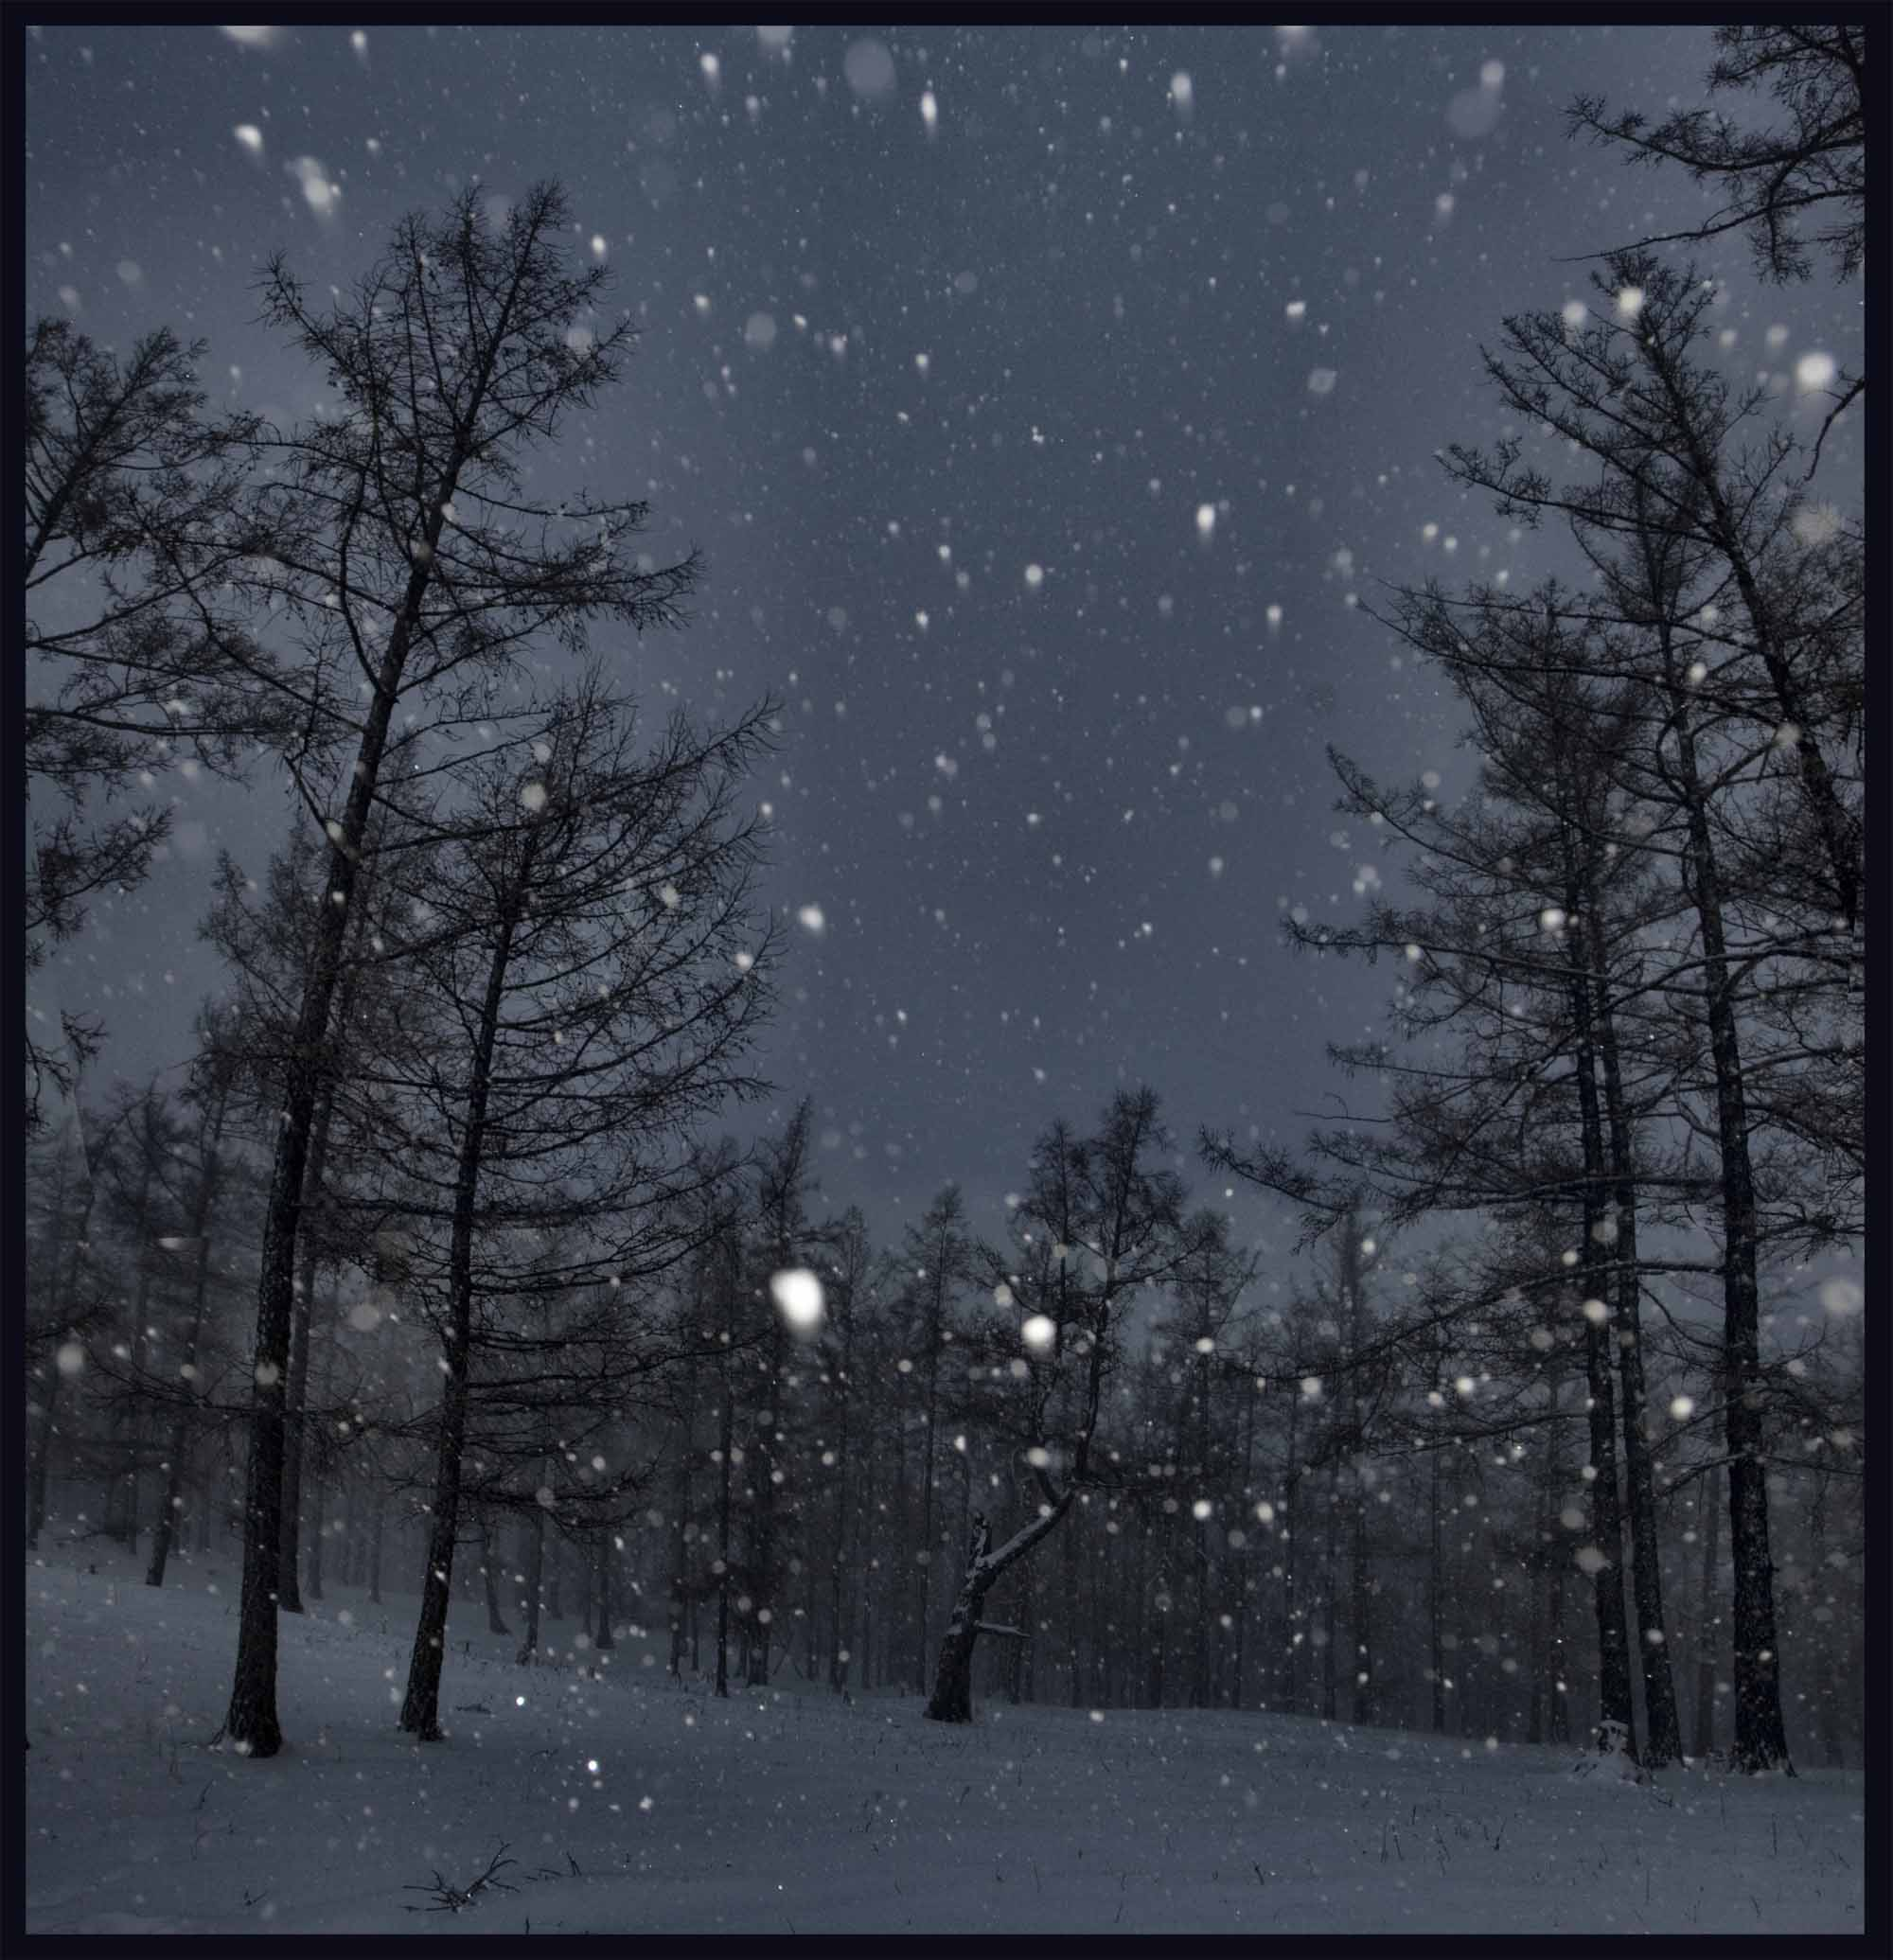 фото зимы ночью идет снег для рекламной